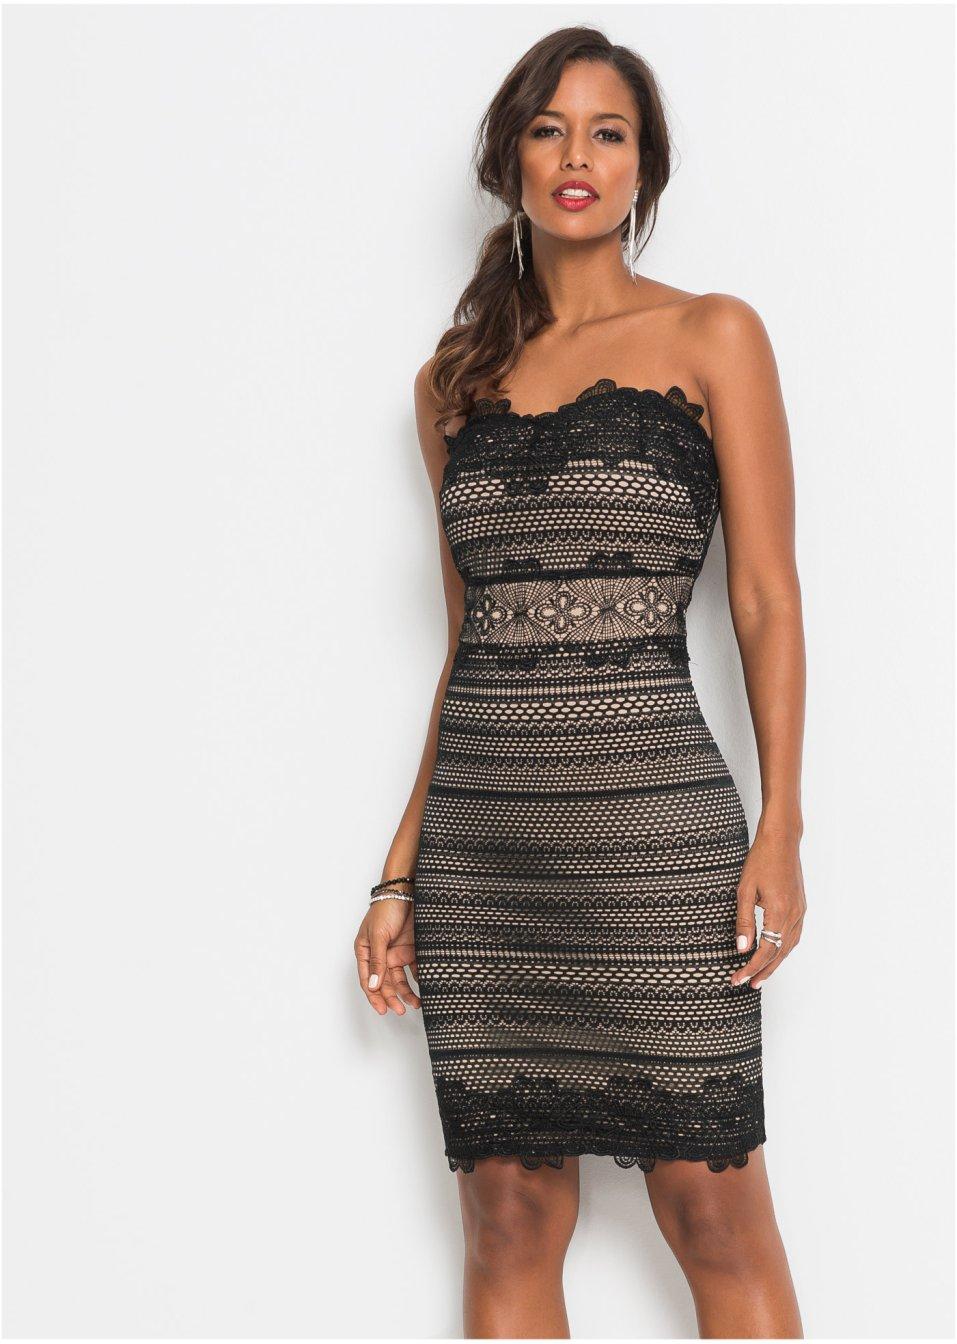 Bandeau-Kleid mit Spitze schwarz/hellbraun - BODYFLIRT ...